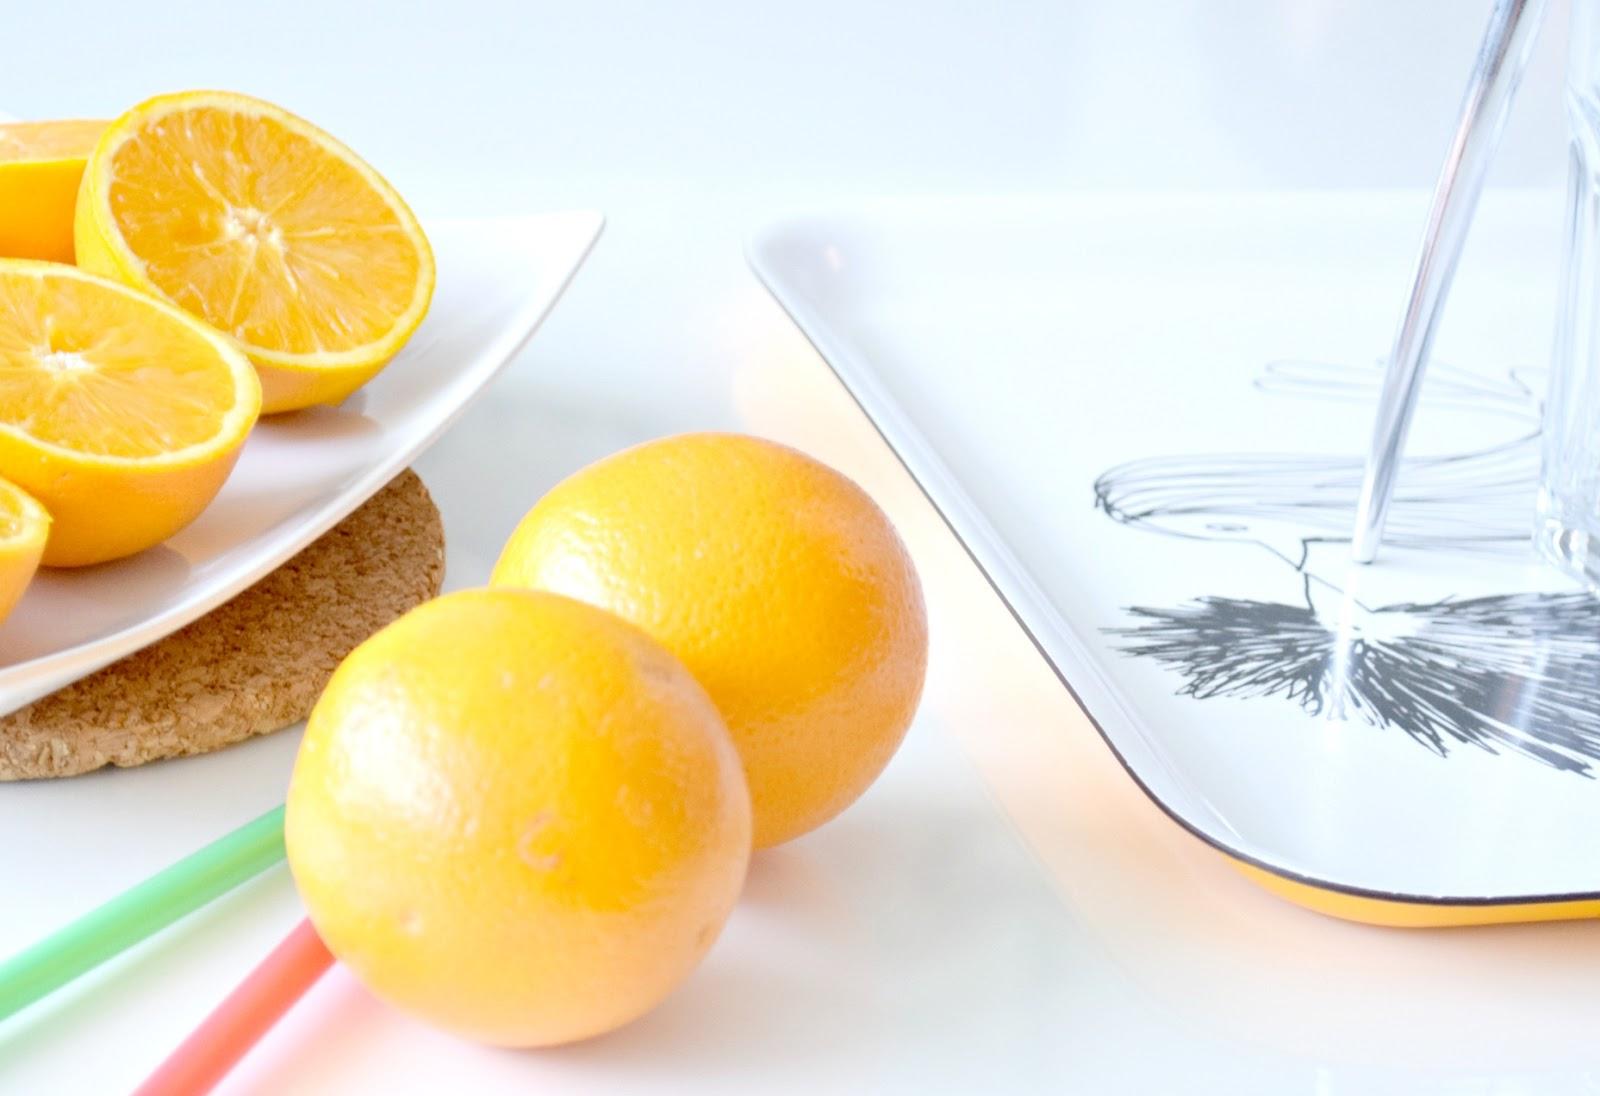 sok ze swieżych pomarańczy